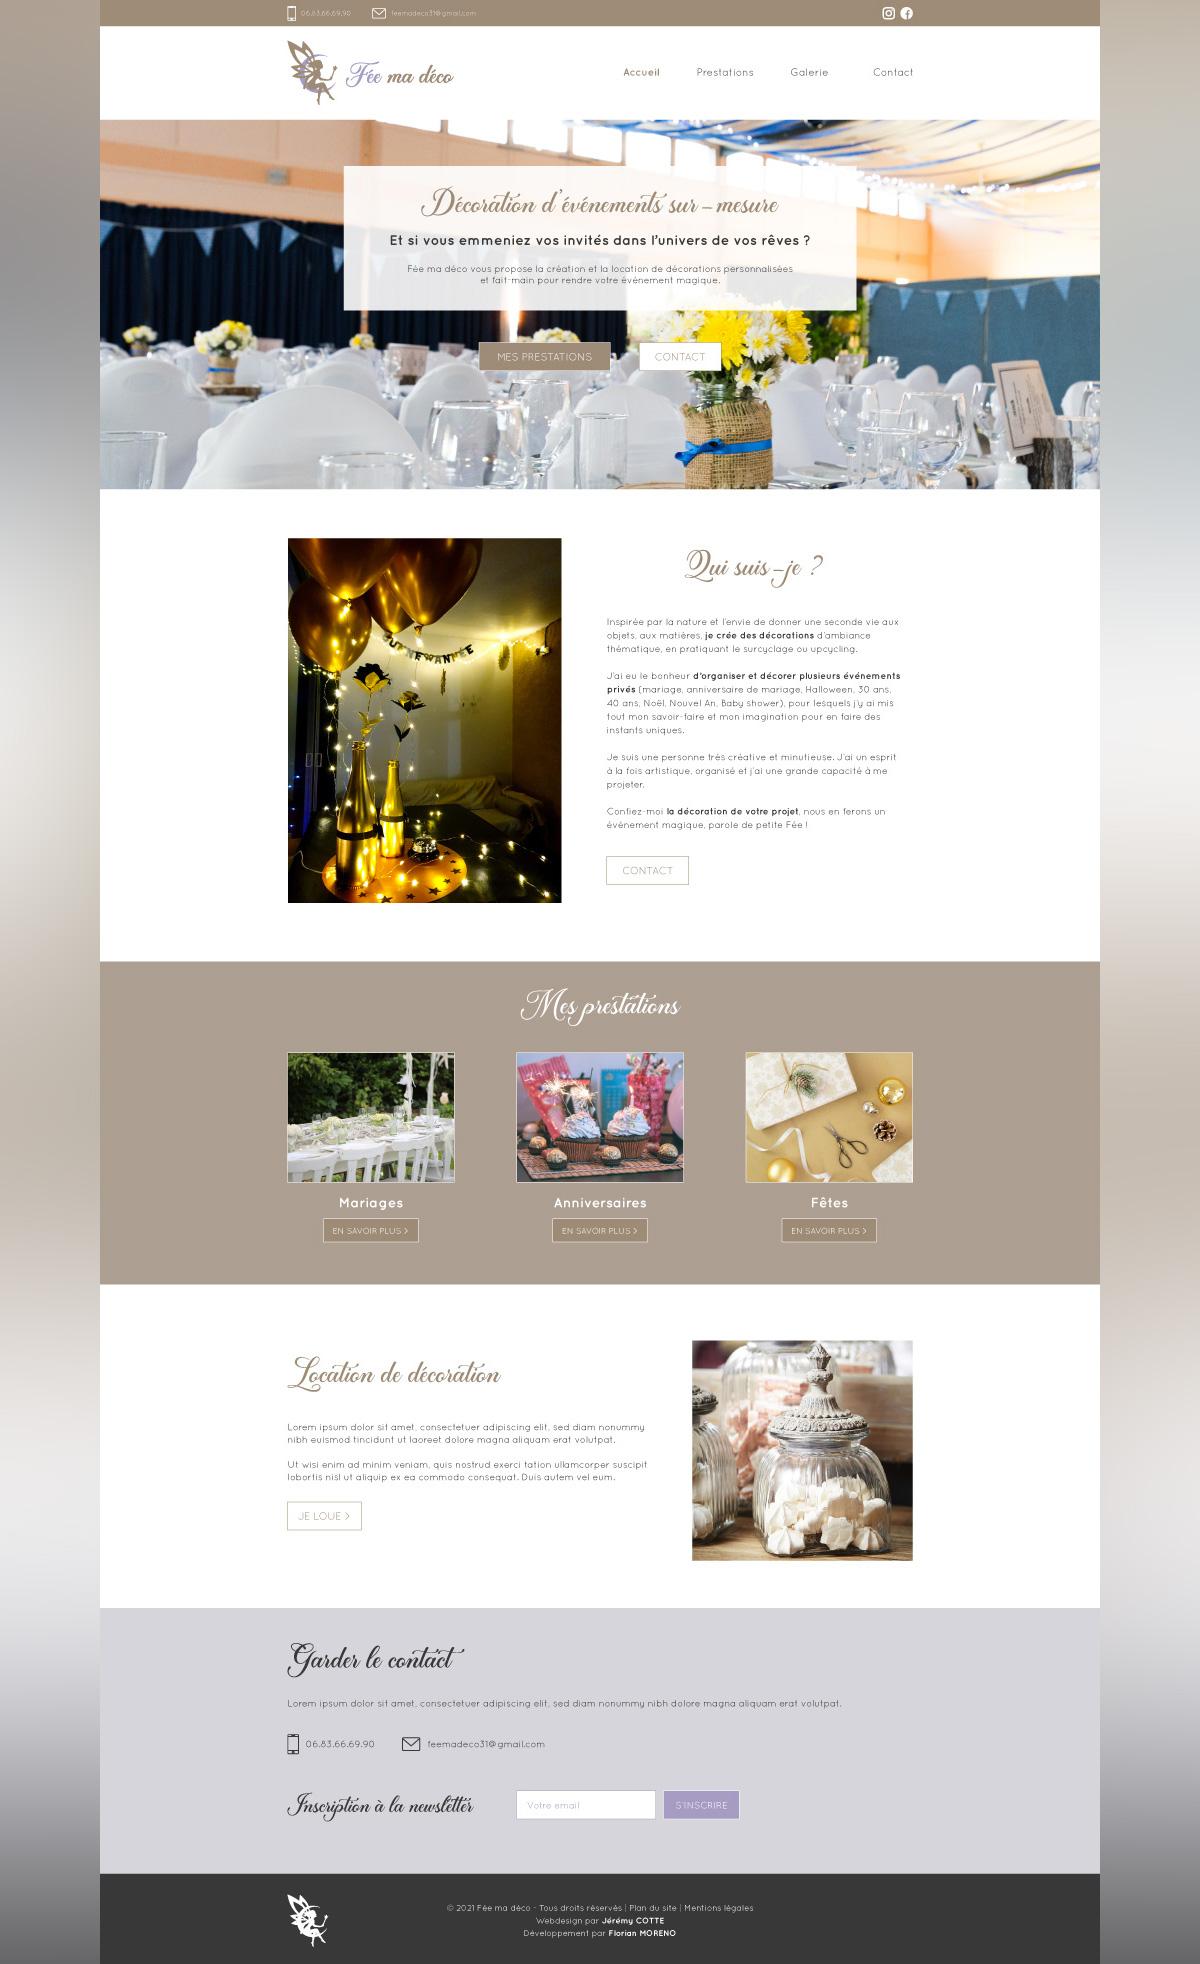 jeremy-cotte-graphiste-webdesigner-motiondesigner-webdesign-fee-ma-deco